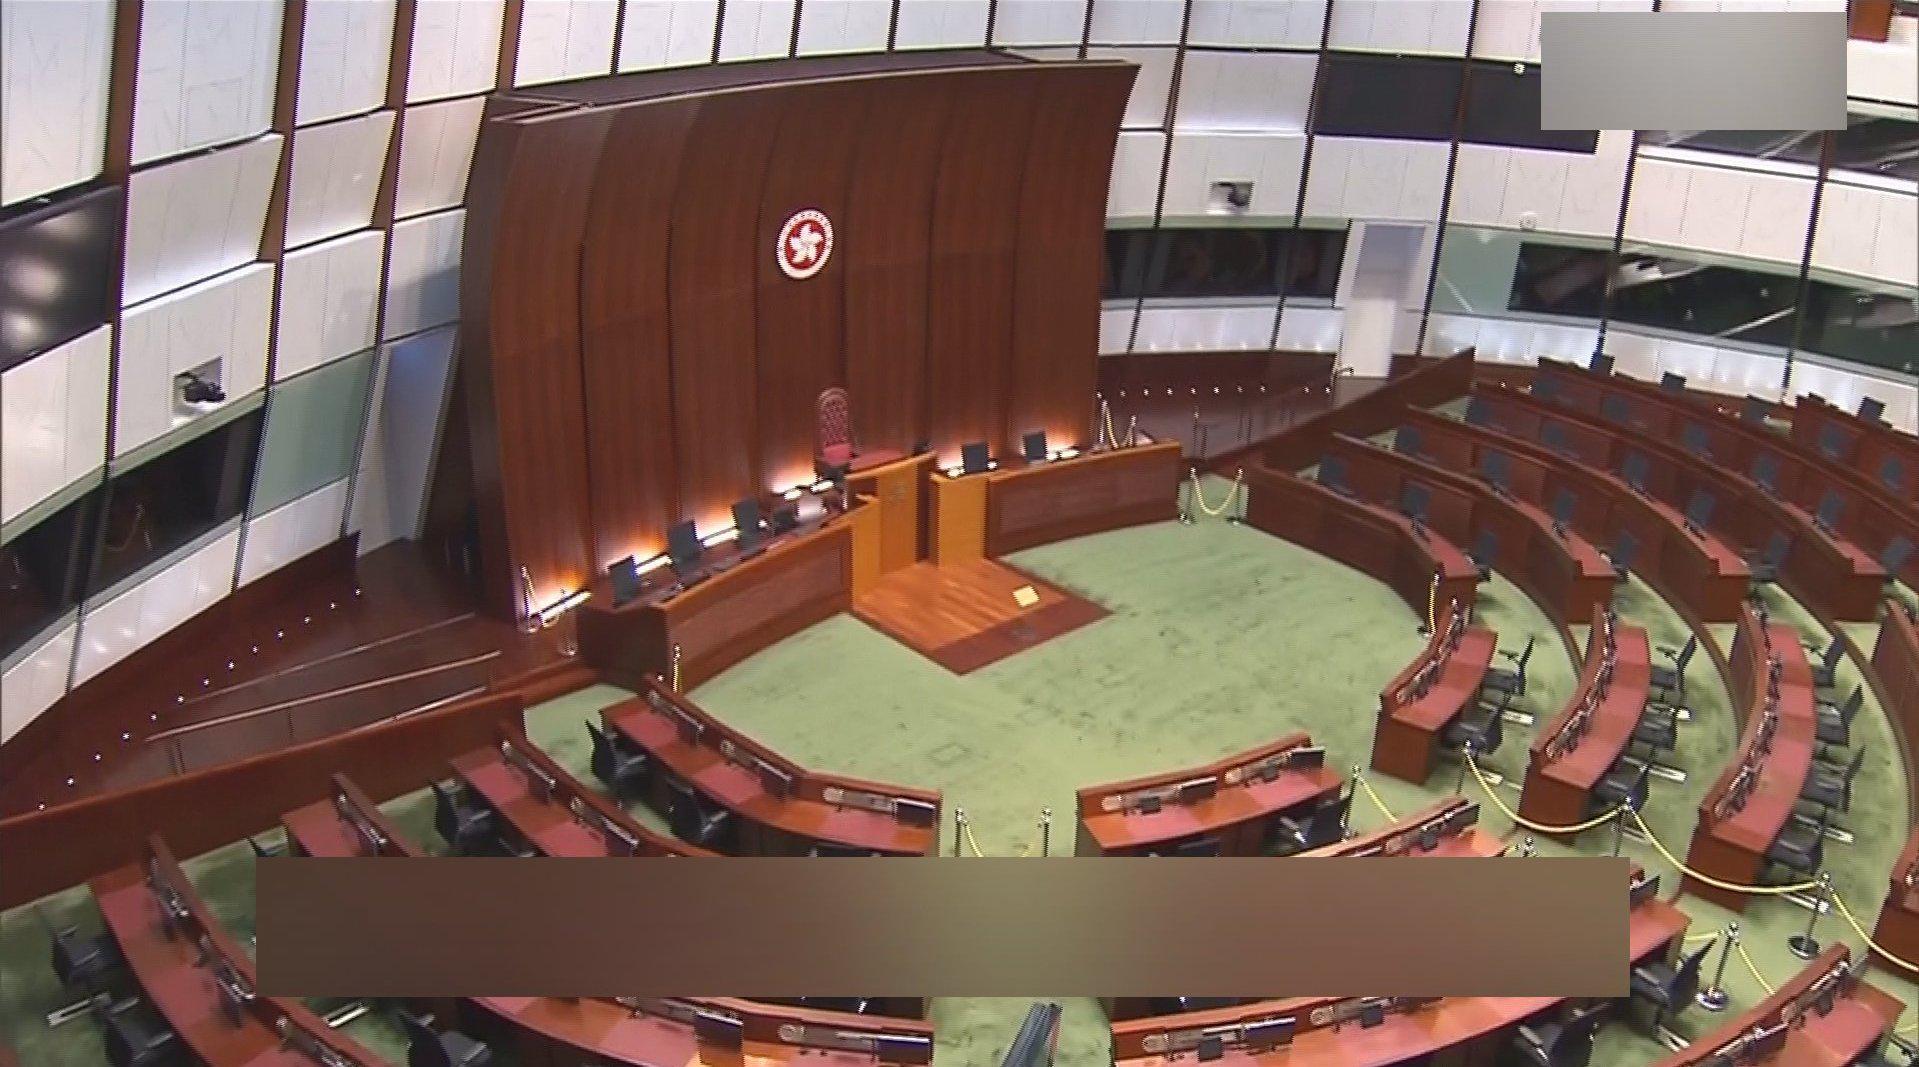 香港现届立法会任期延长至少一年 梁振英:合理合法